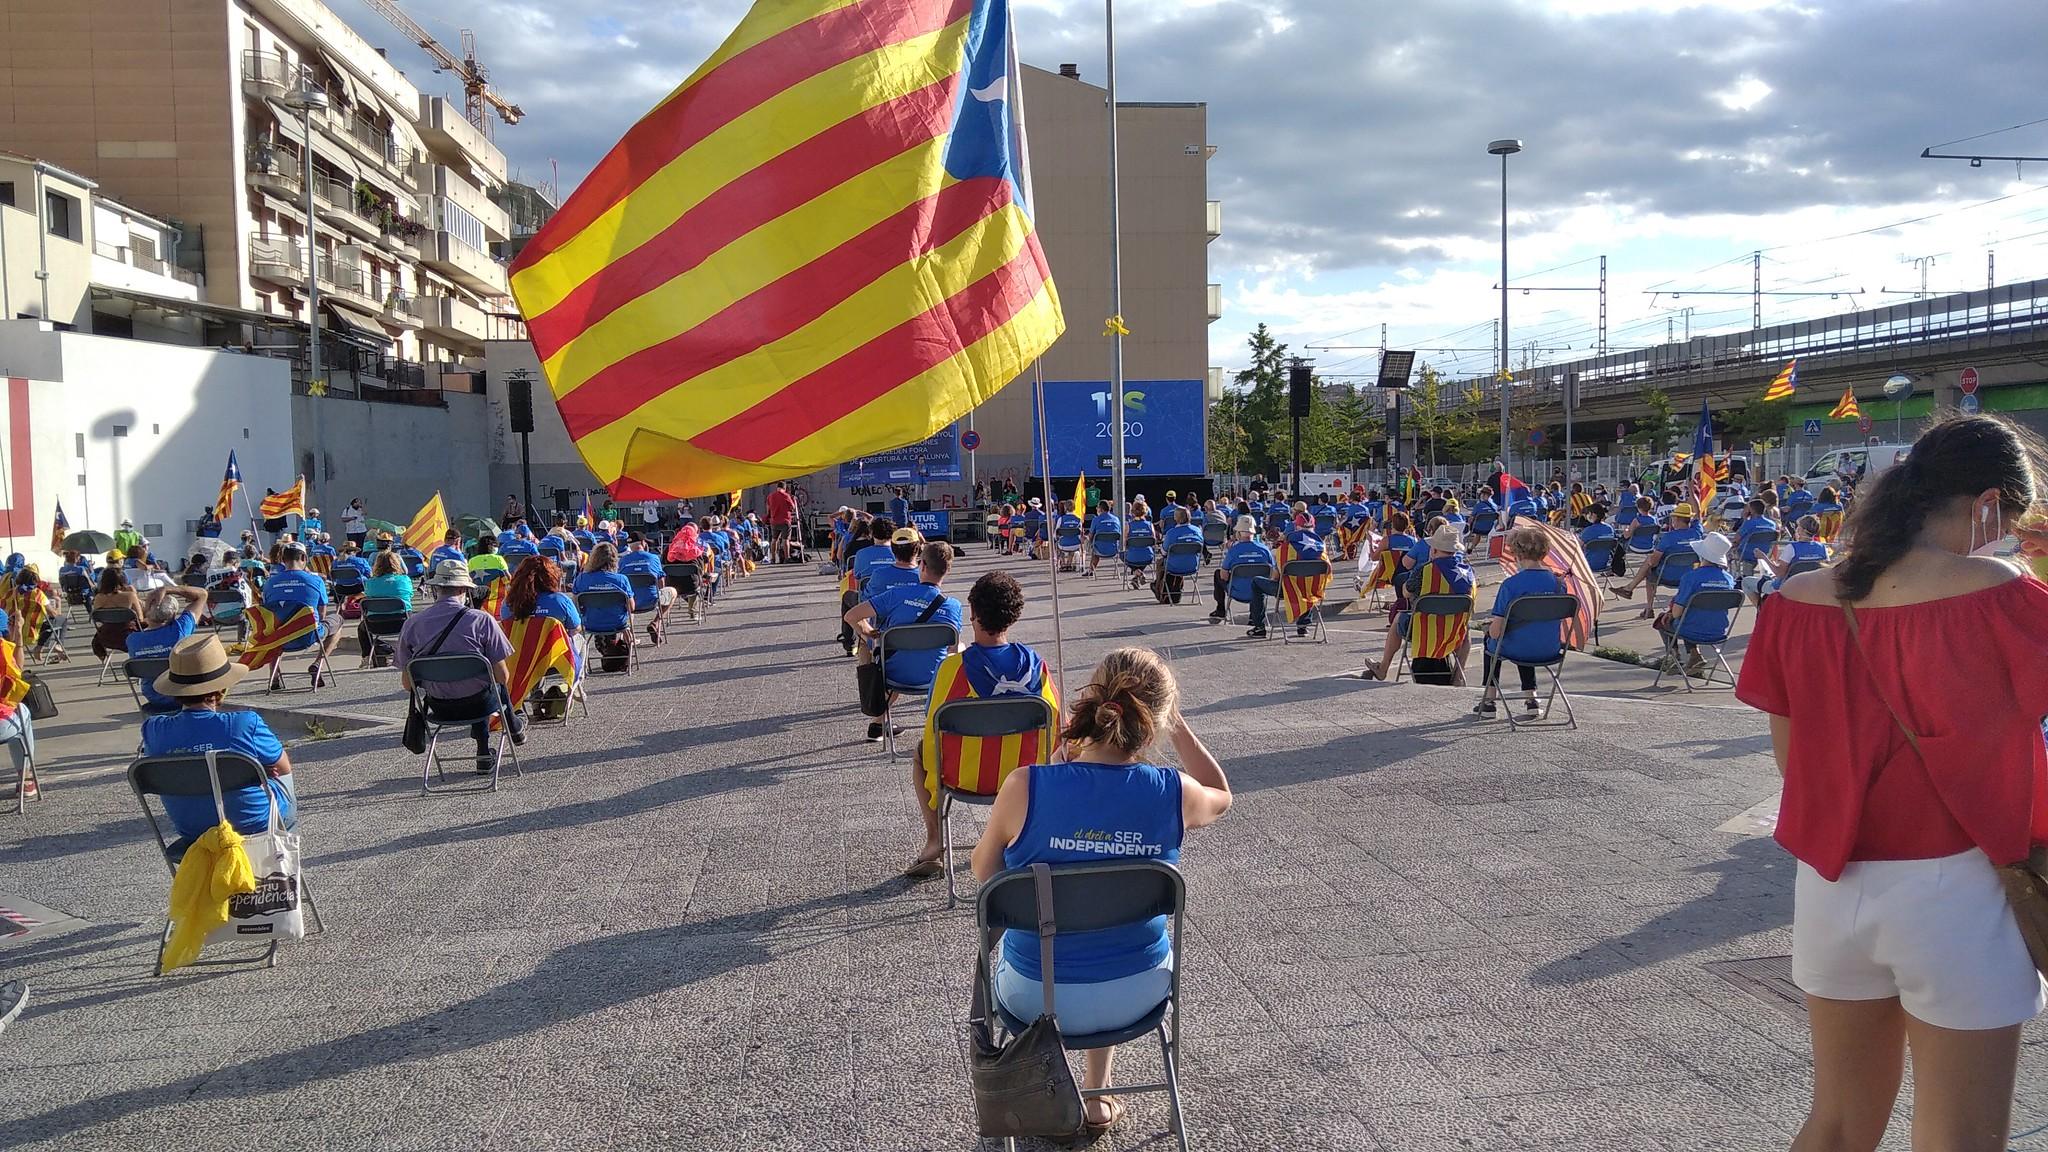 Acto de la Diada de 2020 en Girona promovido por la ANC / ANC